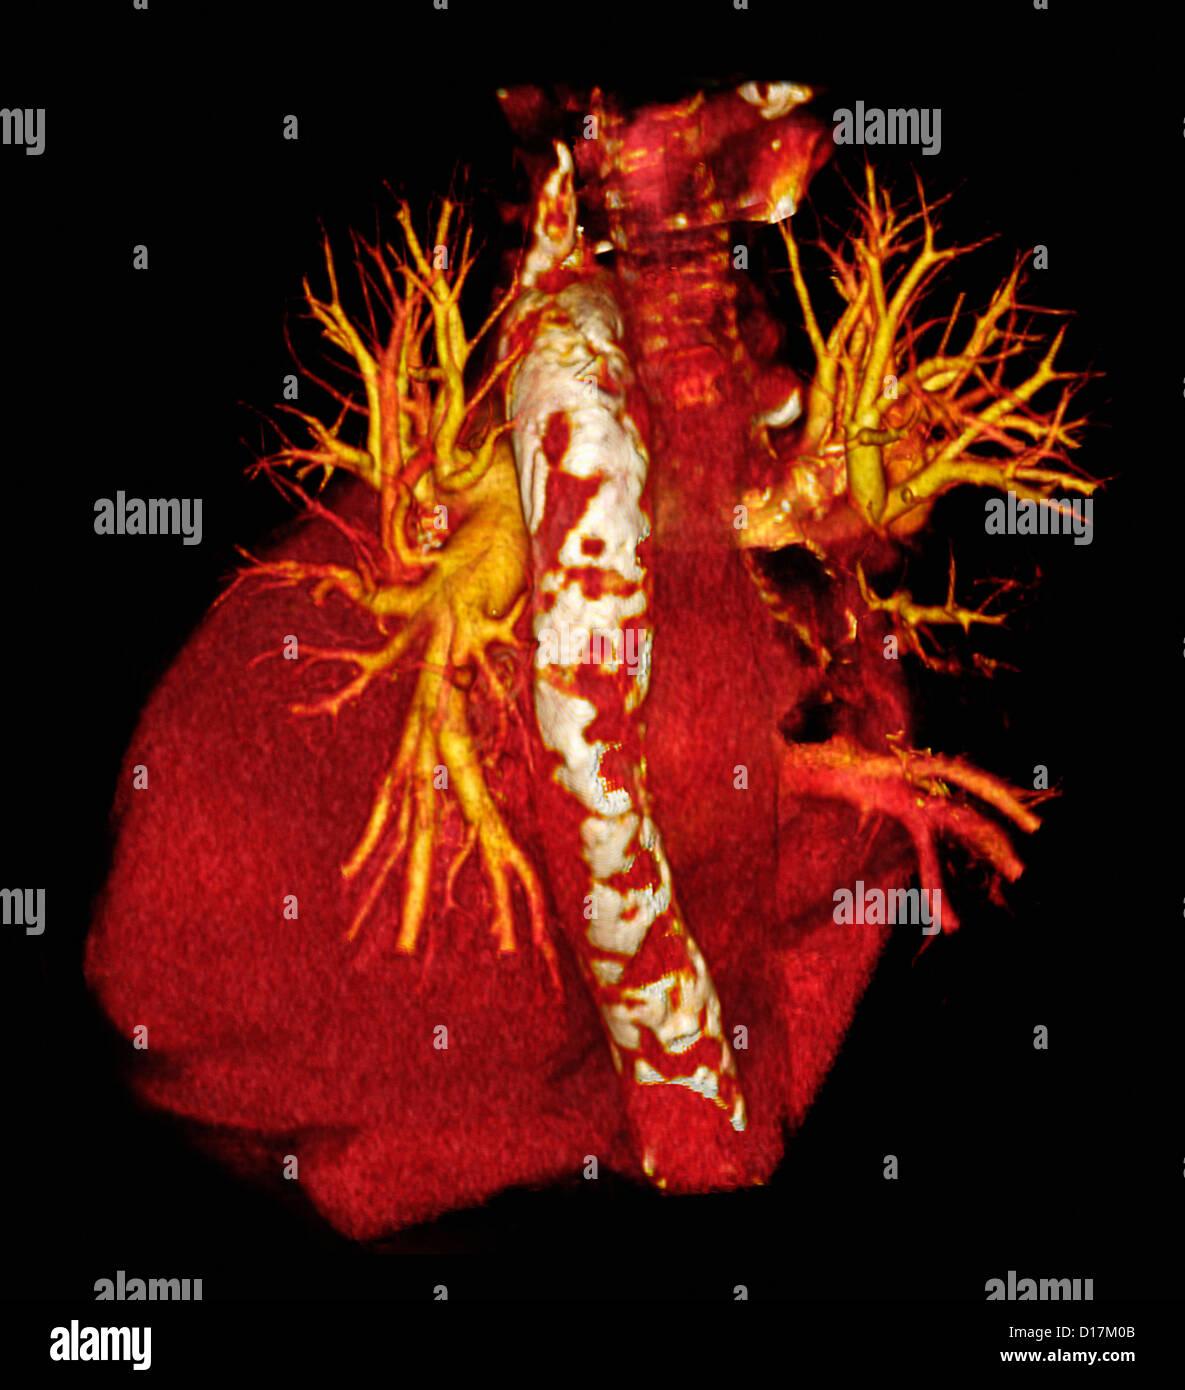 CT-Untersuchung des Herzens mit Schulterarthrose aorta Stockbild